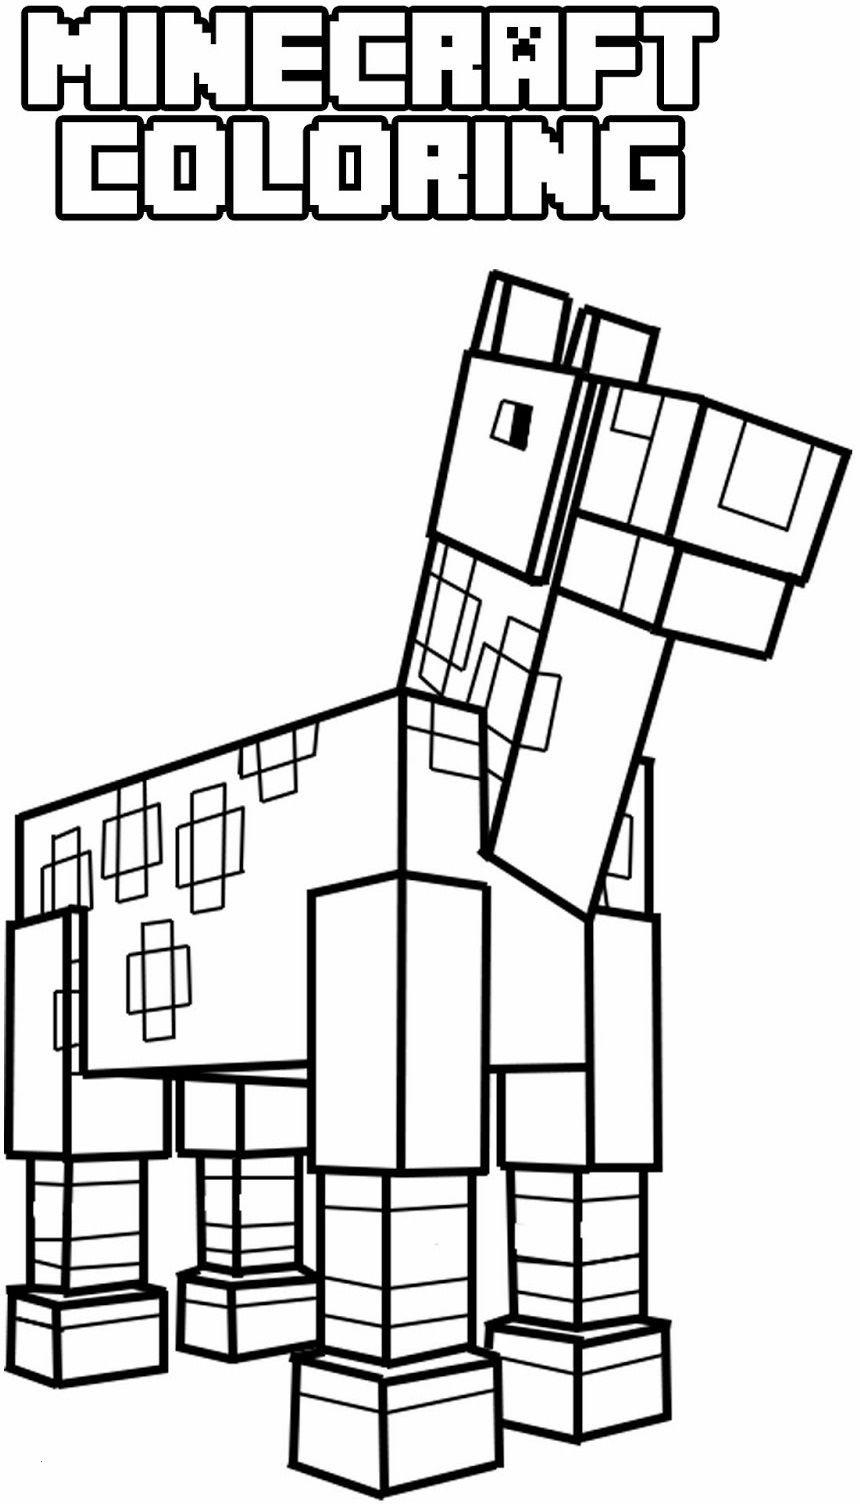 Ausmalbilder Von Minecraft Genial Minecraft Horse Schön Ausmalbilder Minecraft Creeper Sammlung